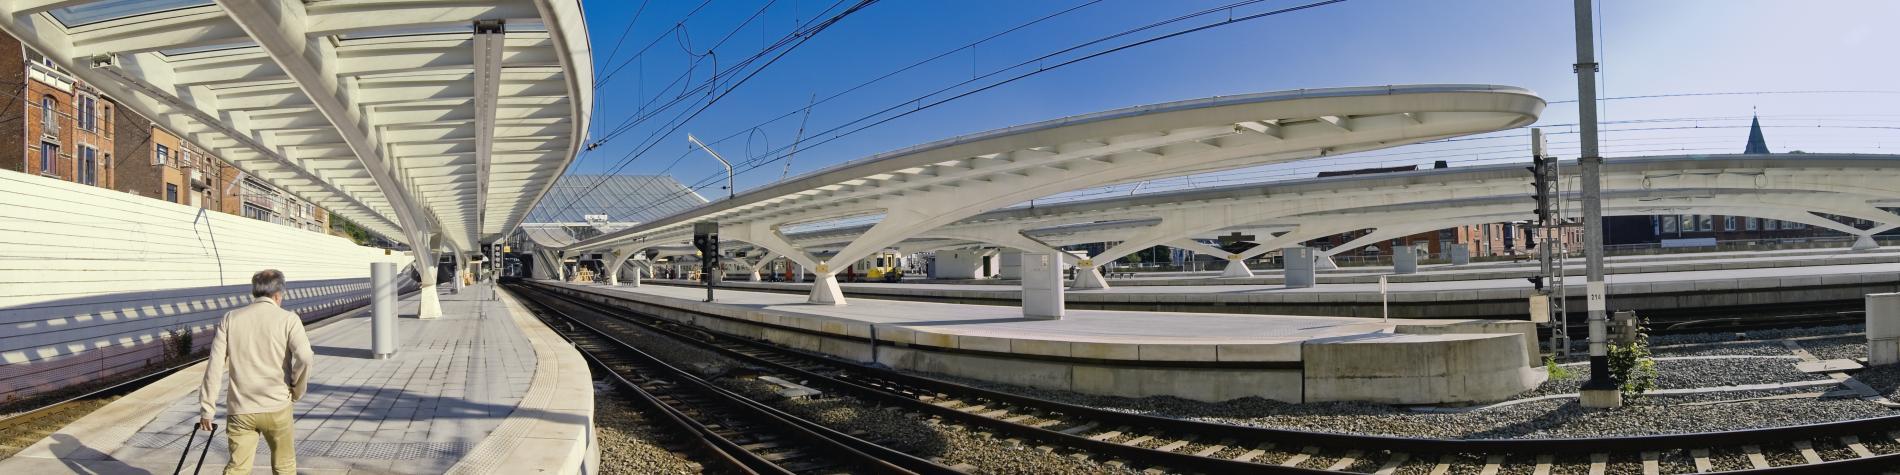 Gare de Liège-Guillemins - Liège - quais